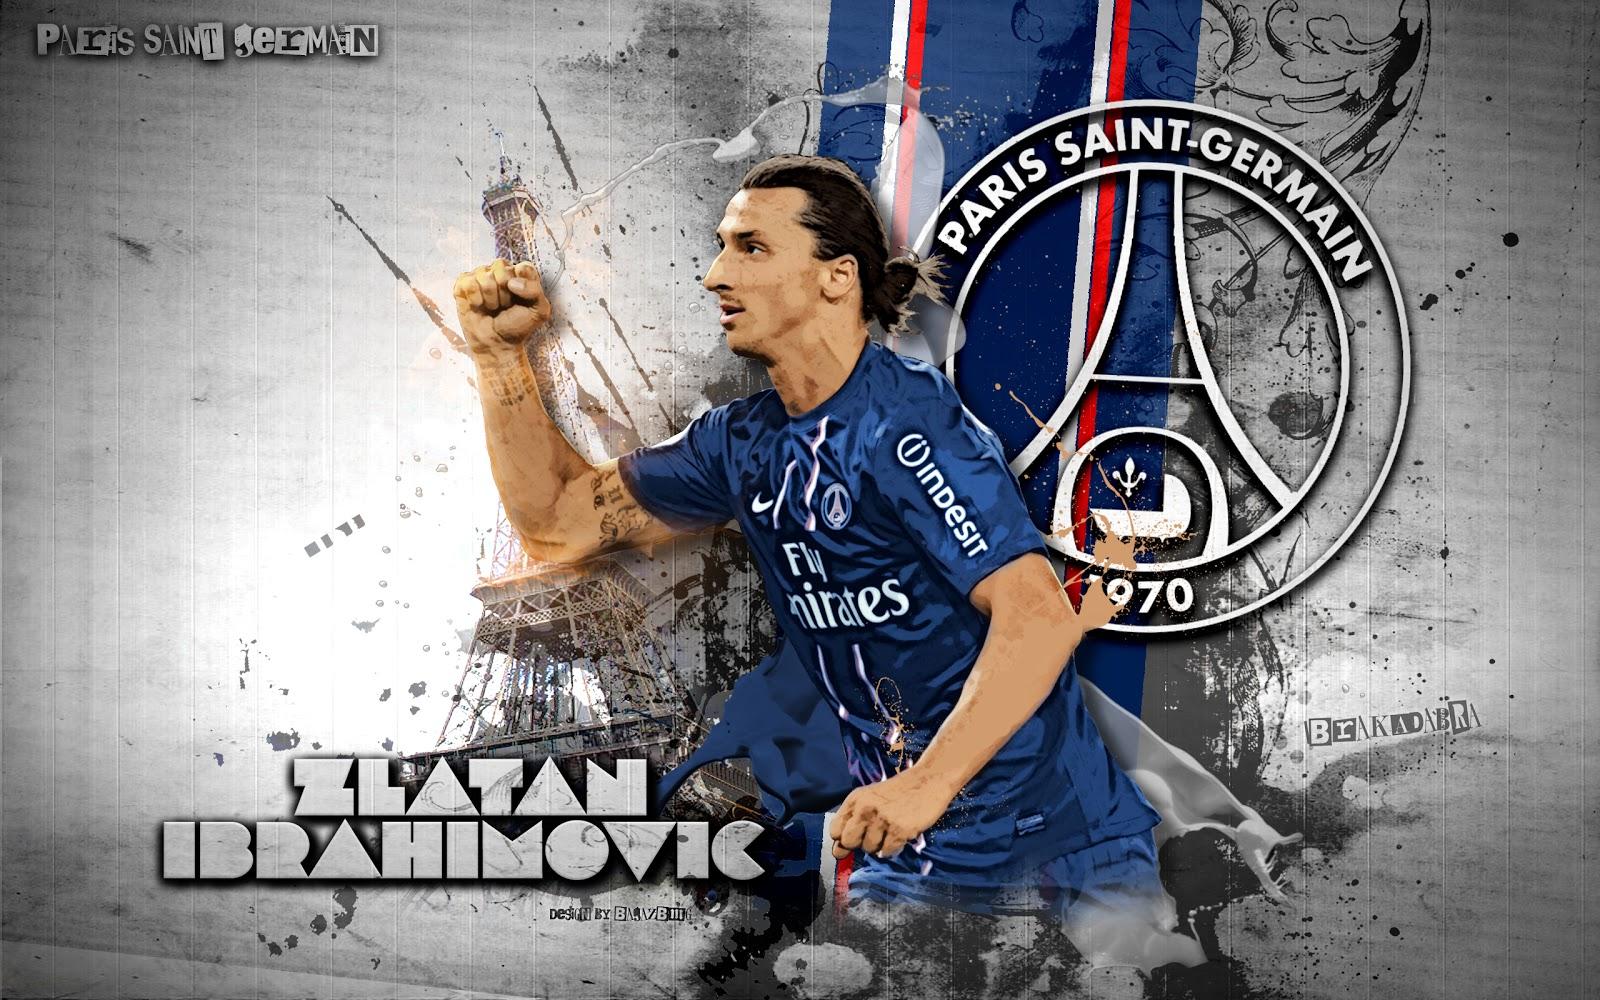 Attitude Girl Zlatan Ibrahimovic Wallpapers PSG 2013 6 HD 1600x1000